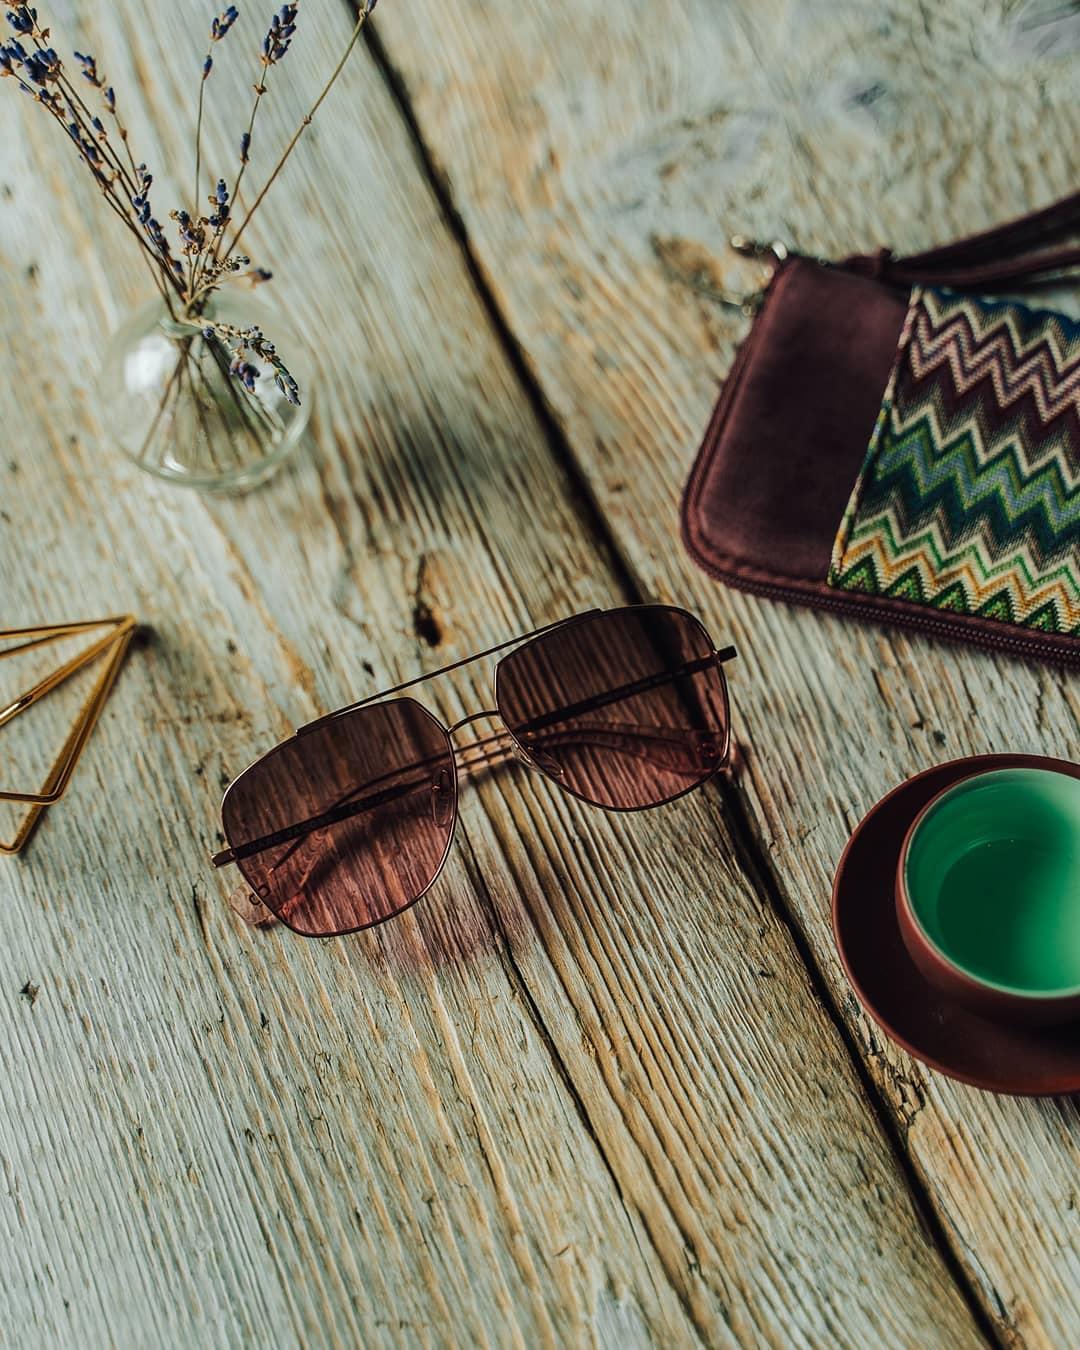 Retro tvary, barevné detaily, elegance a sofistikovanost, to jsou sluneční brýle #MarcJacobs   Nejste si jistí, který model je pro Vás ten pravý? Teď si je na našem webu můžete vyzkoušet virtuálně. . . . . . #vasecocky #sunglasses #slunecnibryle #virtualmirror #sunglassesfashion #sunglasseslover #eyeweartrends #instaglasses #eyeweardesign #eyewearlover #glassesstyle #fashioneyewear #fashioninspiration